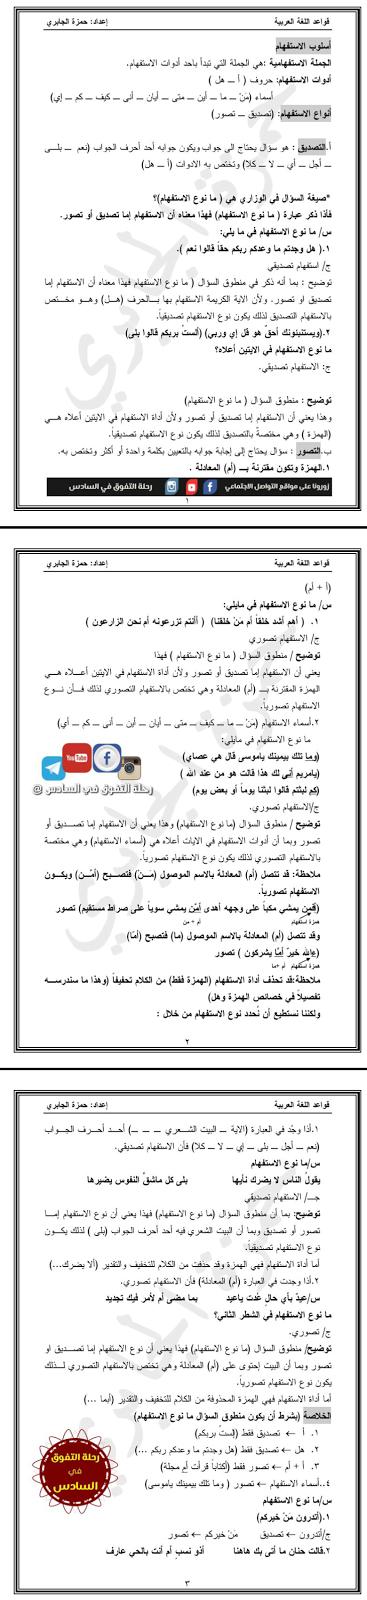 ملزمة قواعد اللغة العربية للصف السادس العلمي للمبدع الأستاذ حمزة الجابري 2017